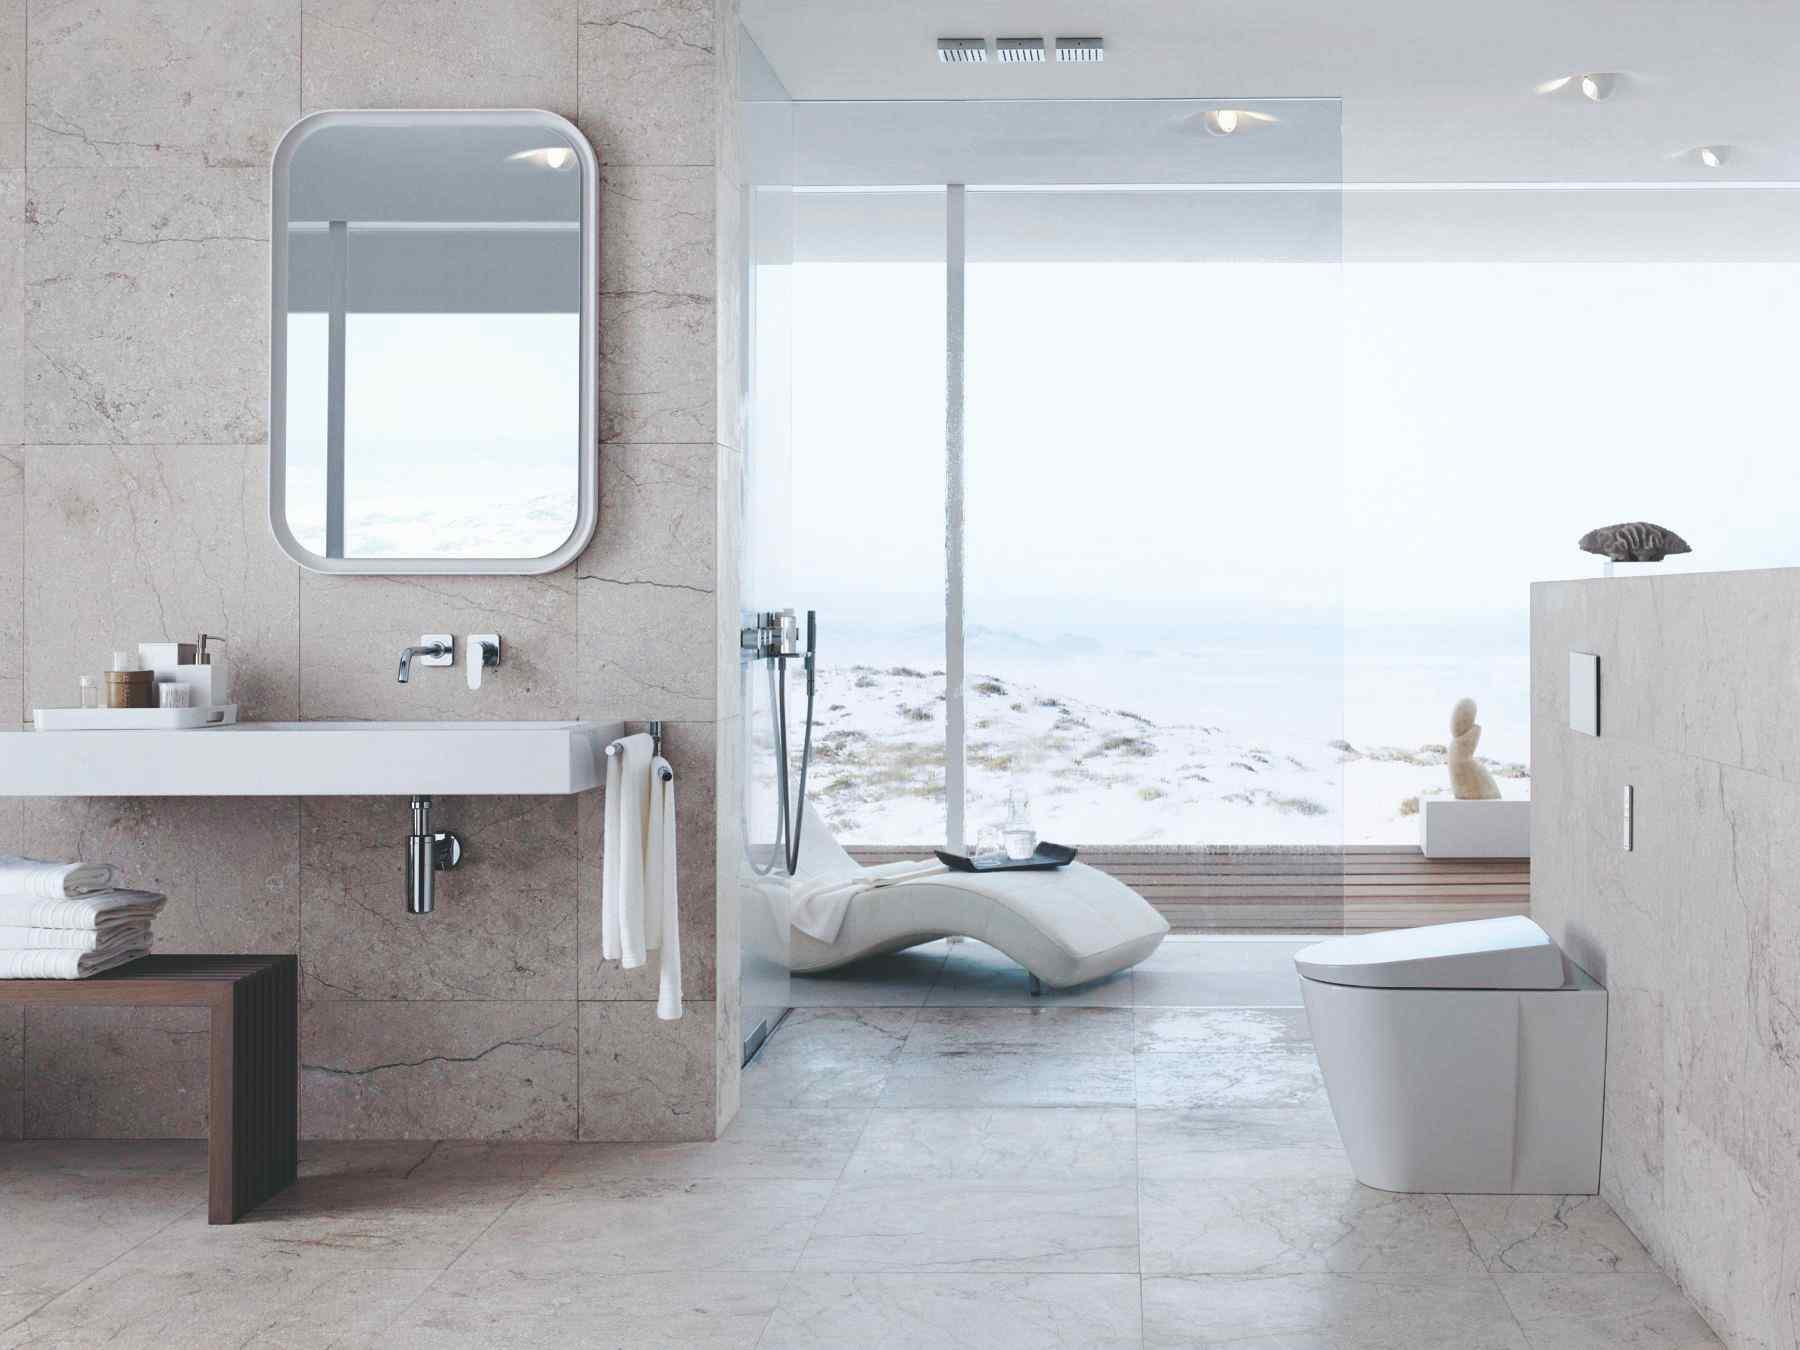 Moderná kúpeľňa s výhľadom a more